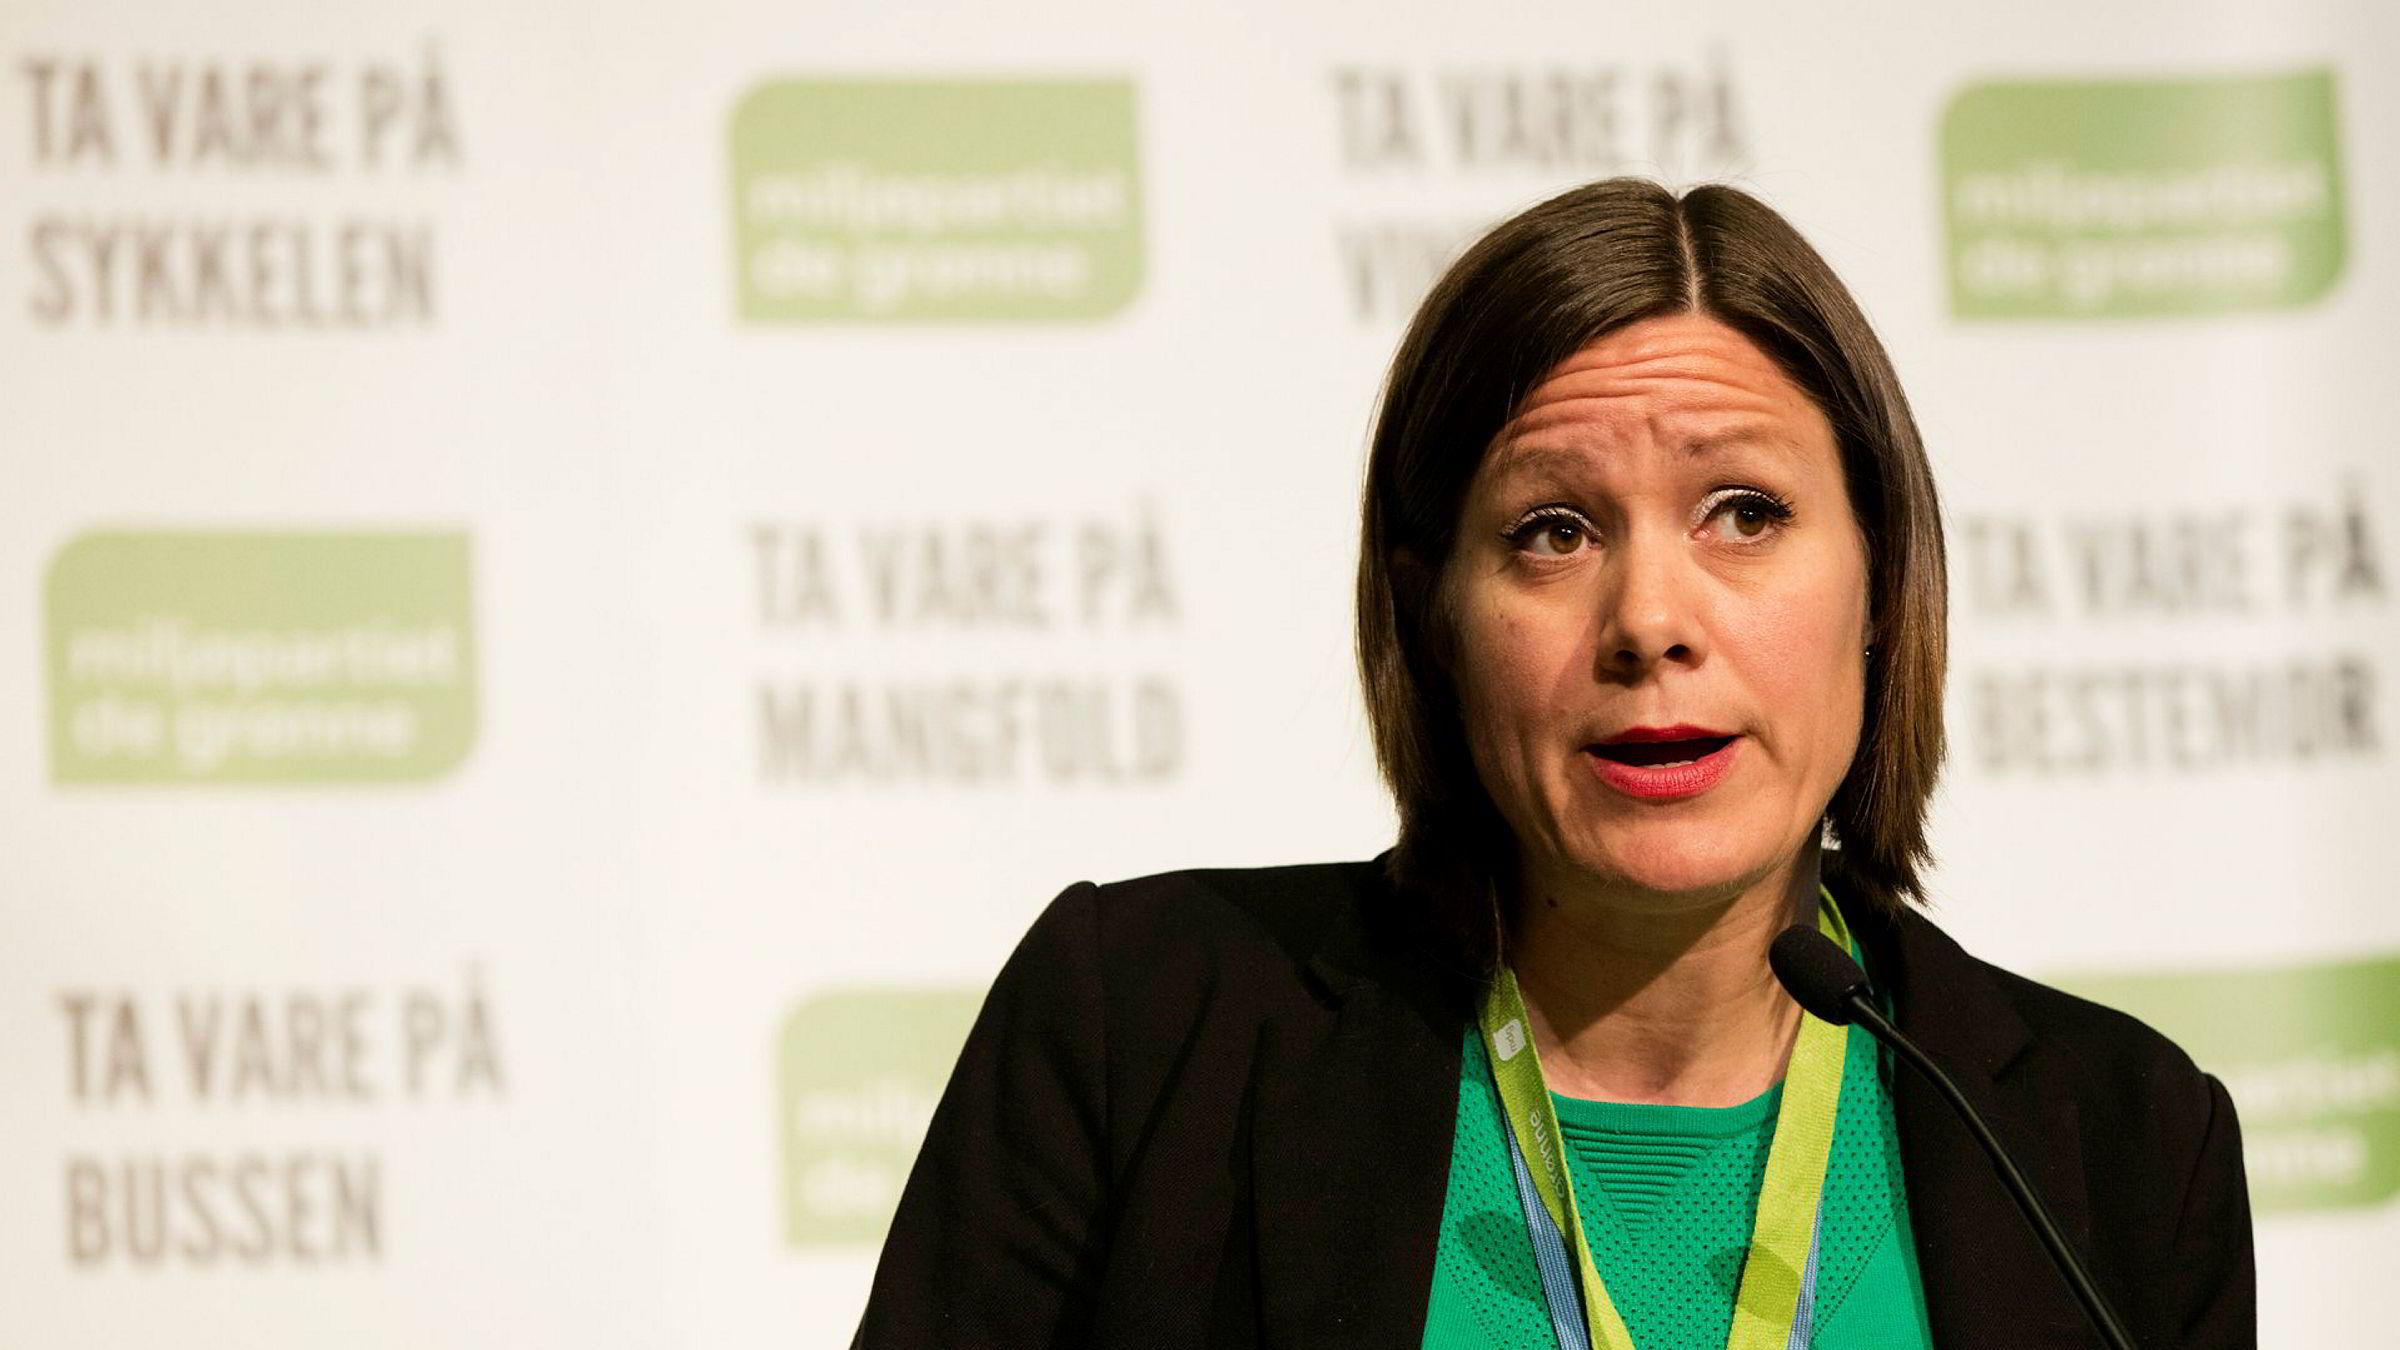 Byråd Hanna E. Marcussen for byutvikling opplyser at de jobber med saksbehandlingstiden. Her fra Miljøpartiet De Grønnes landsmøte på Lillehammer 2017.